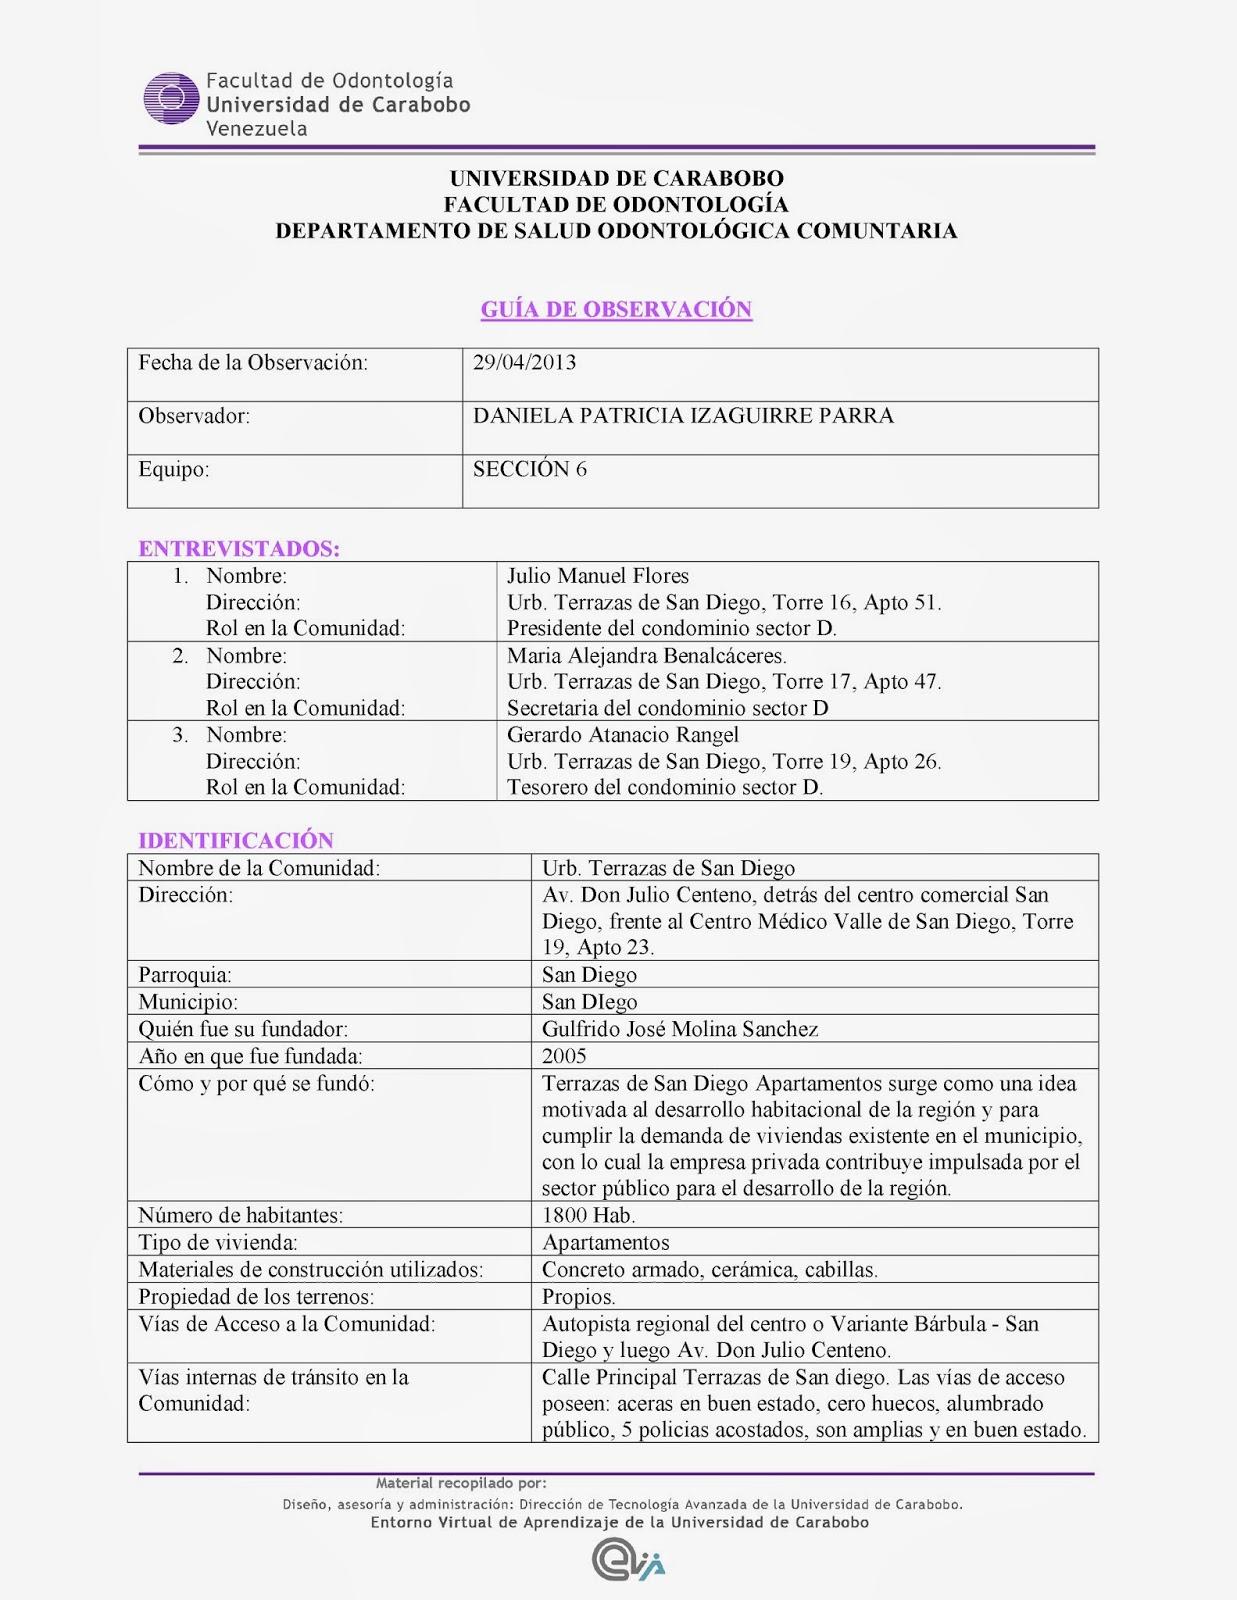 Odontomuelitas: TEMA 9: Plantilla de la Guía de Observación.